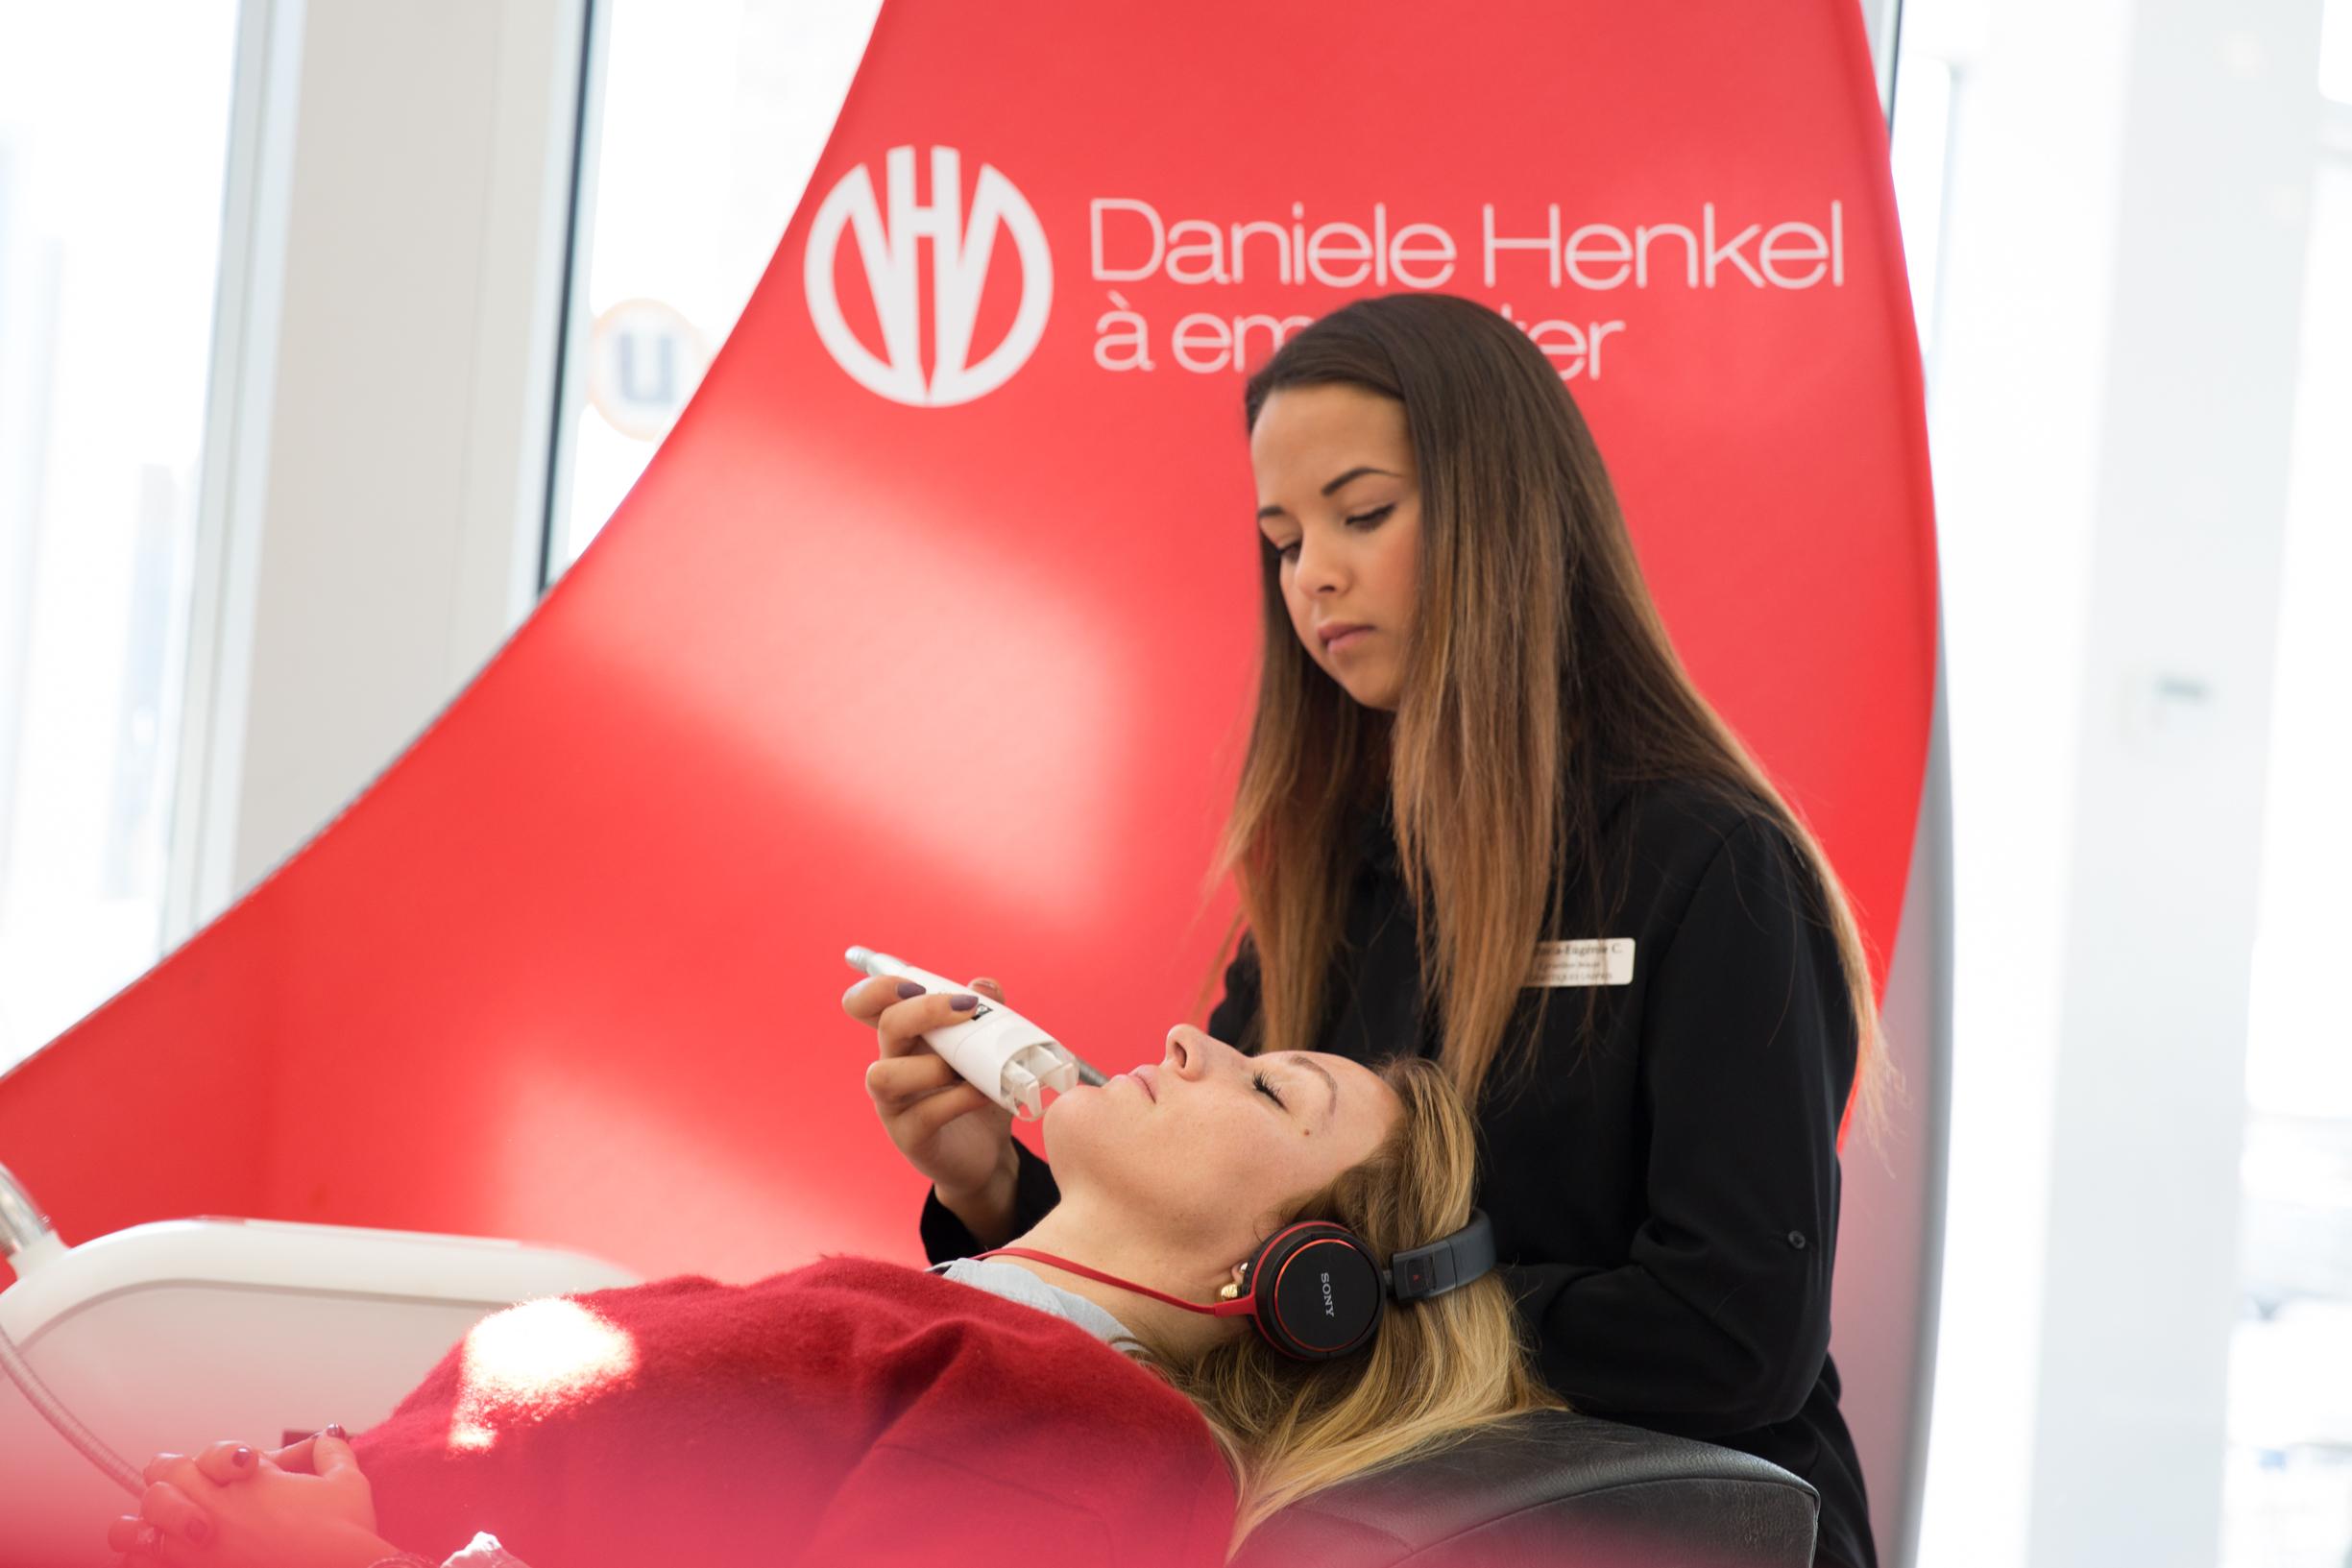 mademoiselle jules beauty blogger at uniprix for daniele henkel on the go